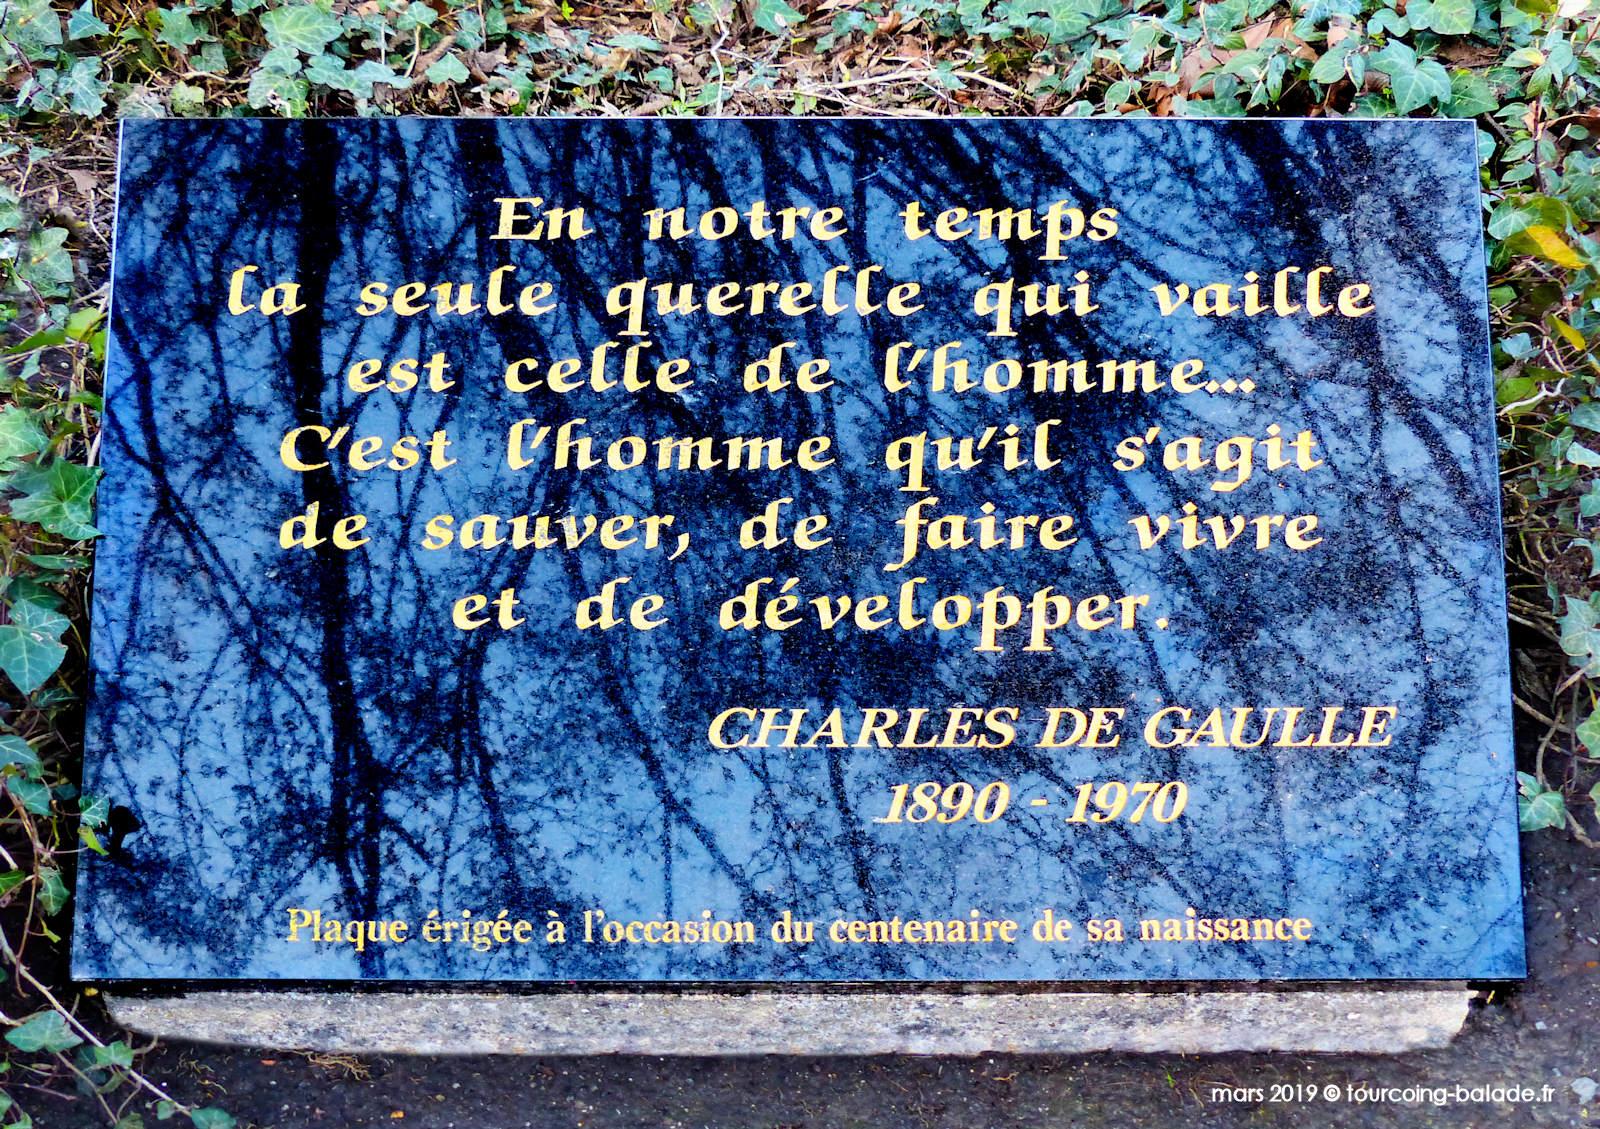 Inscription Plaque de Gaulle, Tourcoing 2019